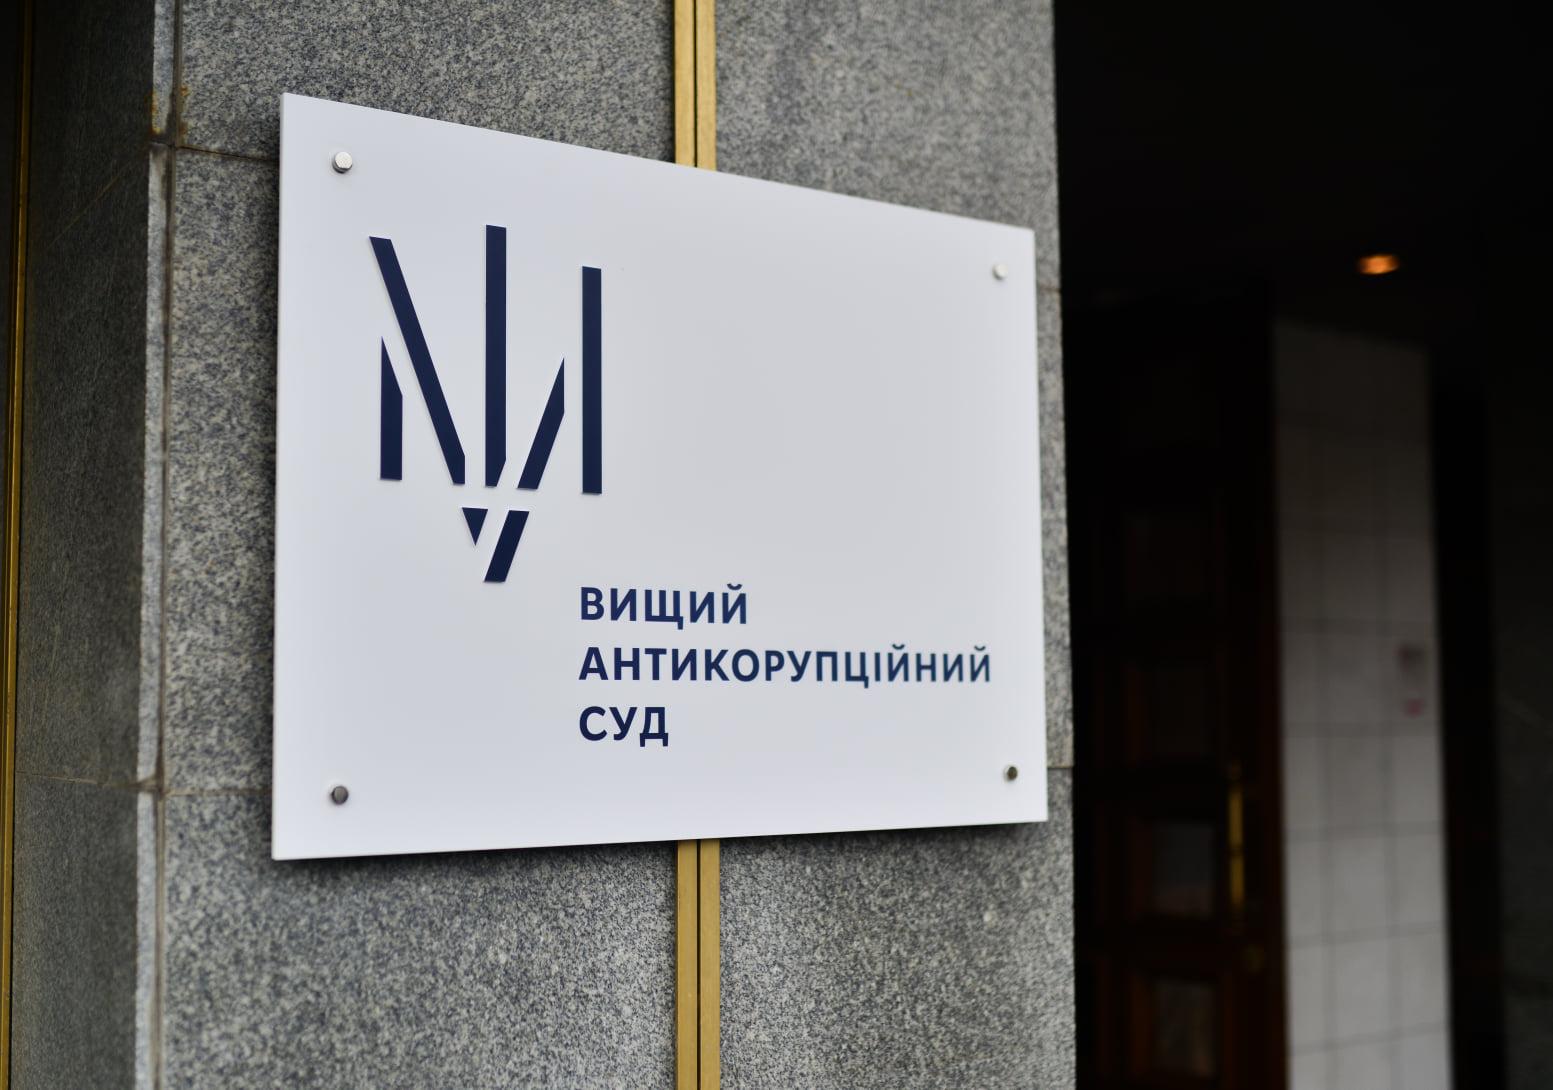 Результат пошуку зображень за запитом вищий антикорупційний суд